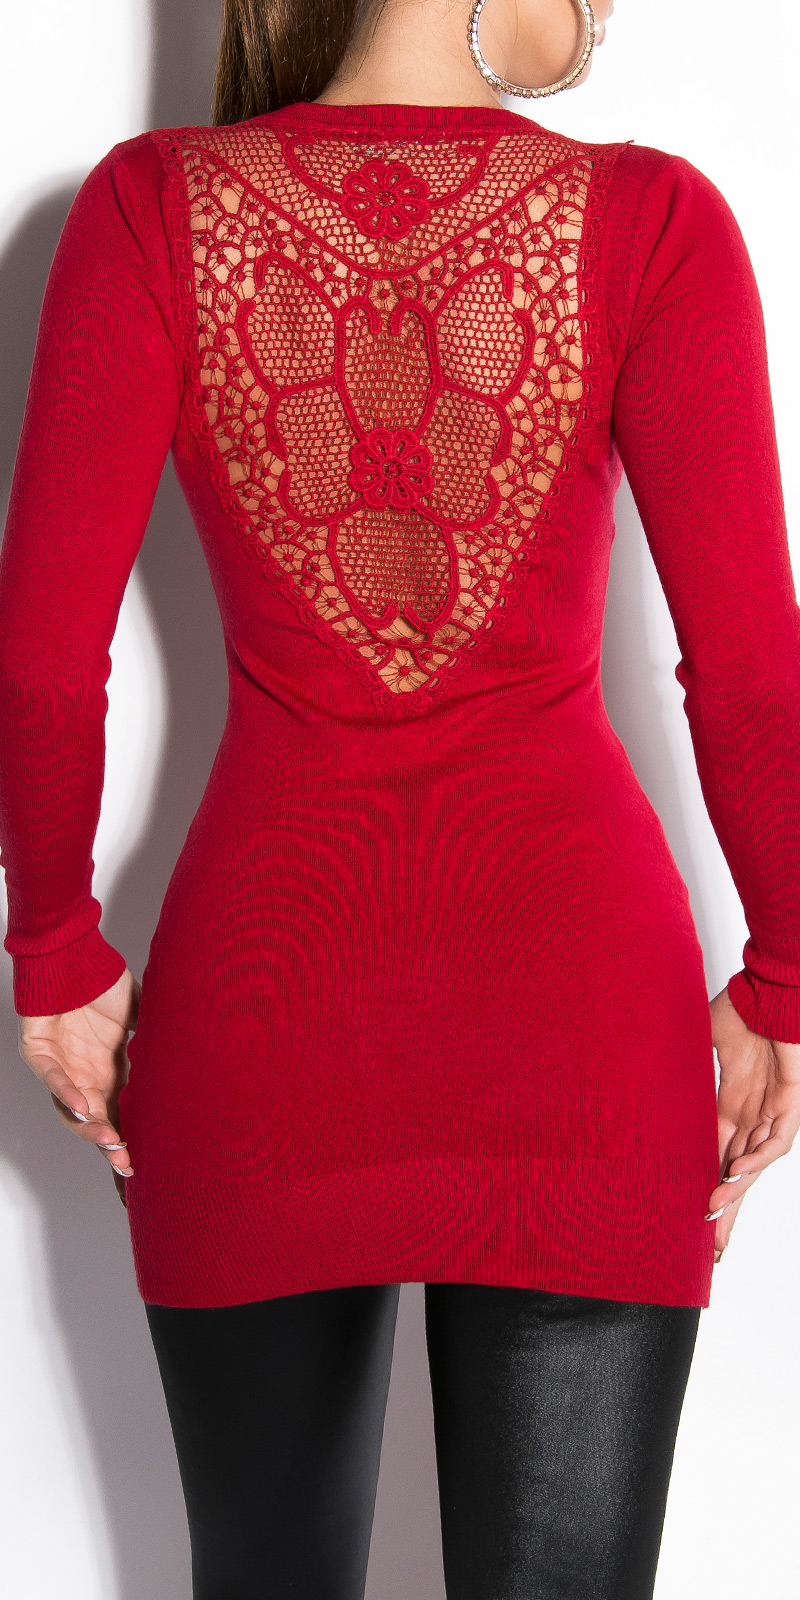 2b1ca628d53 Dámský dlouhý svetr s kamínky a krajkou Koucla červená